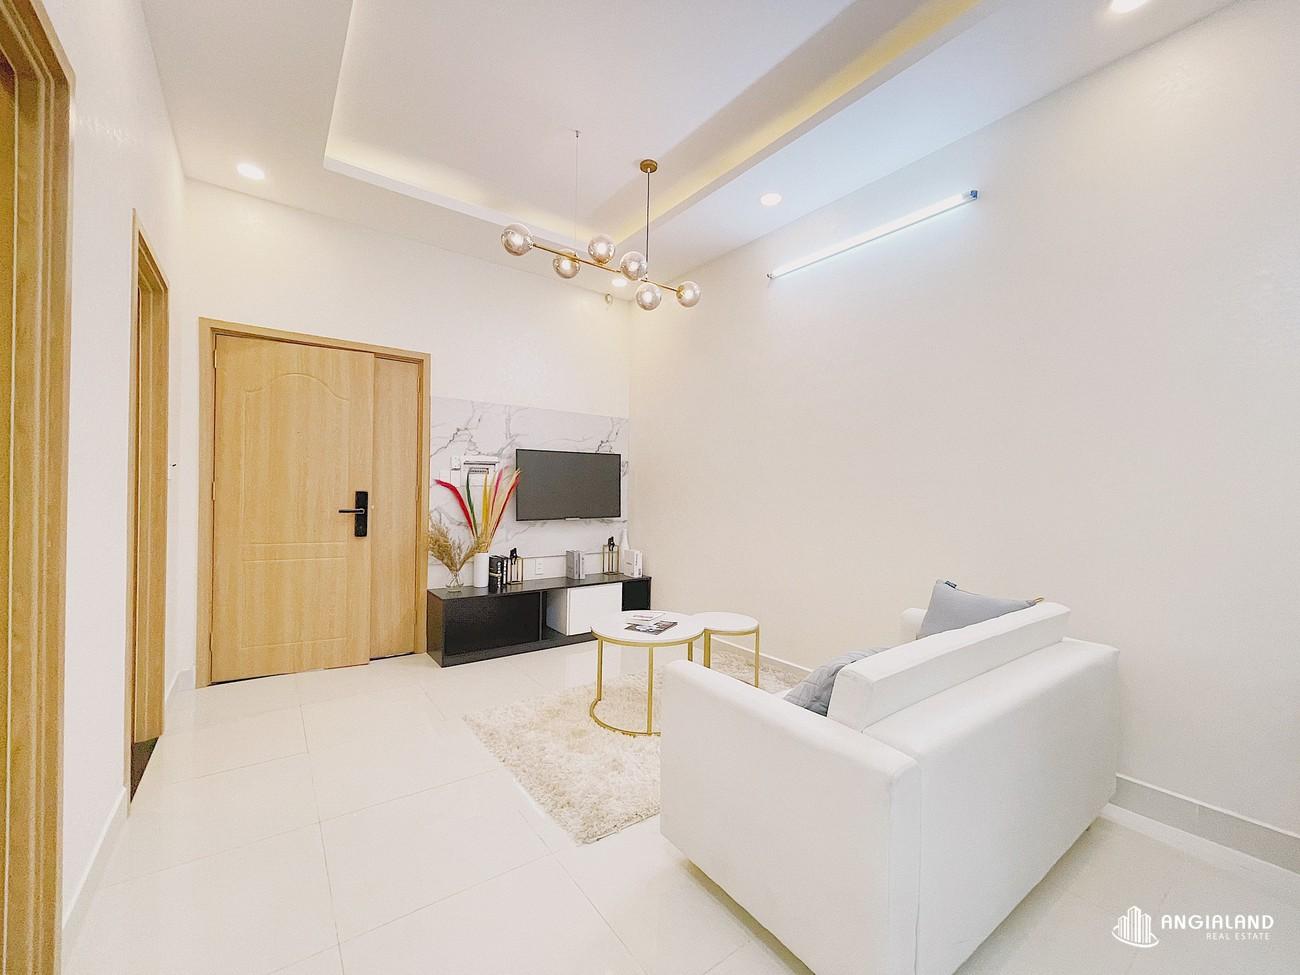 Phòng khách nhà mẫu 59m2 Parkview Apartment Thuận An Bình Dương